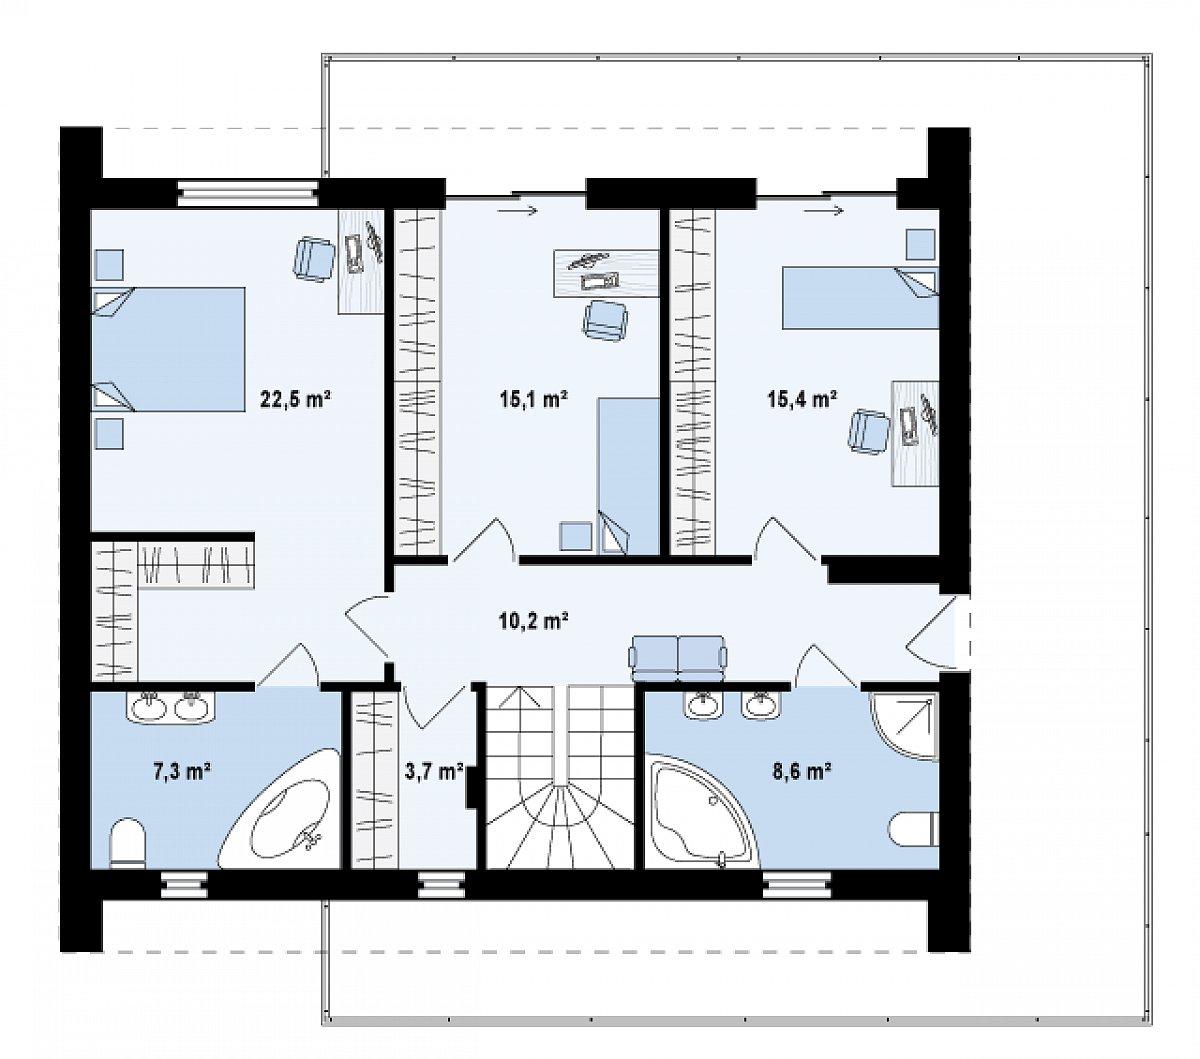 Второй этаж 82,8м² дома Zx55